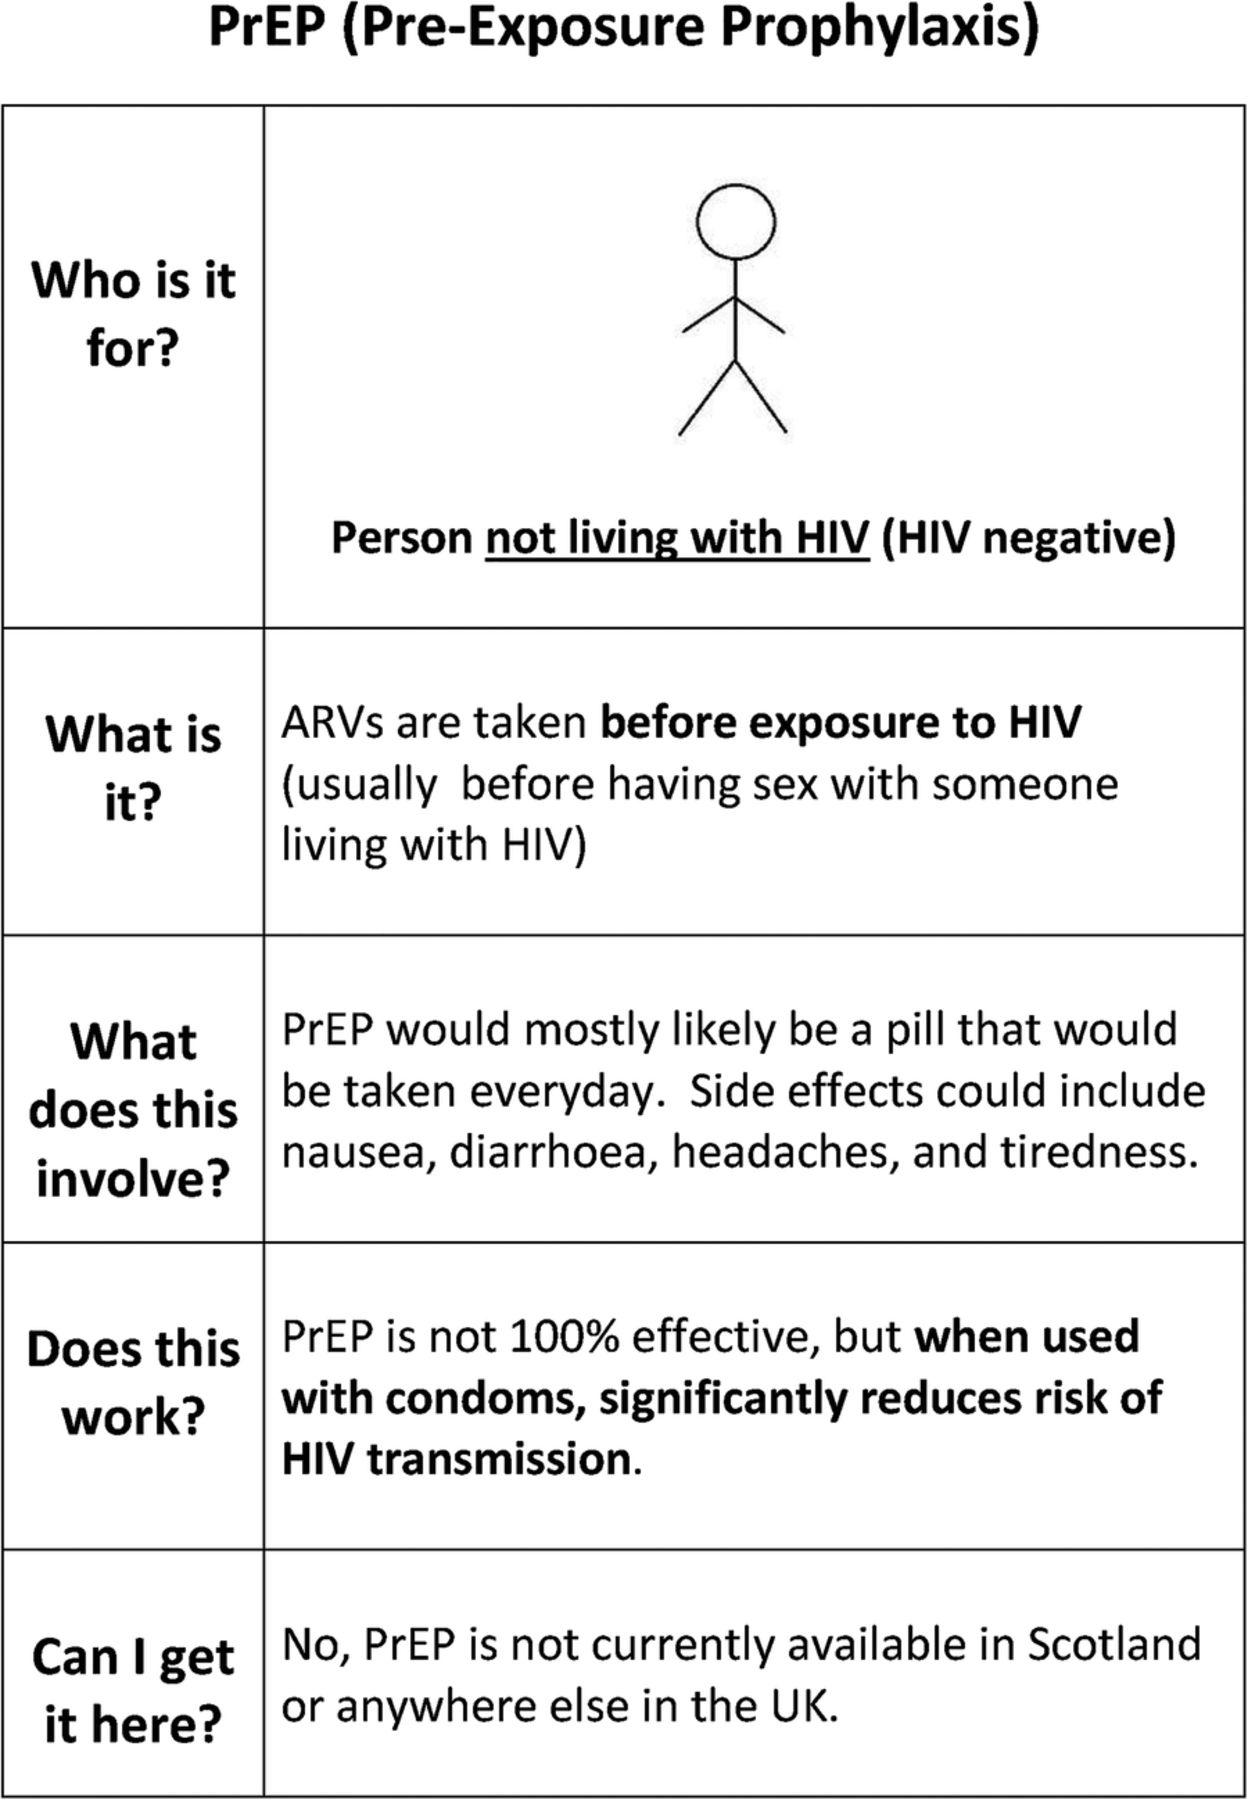 Post exposure prophylaxis sexual exposure